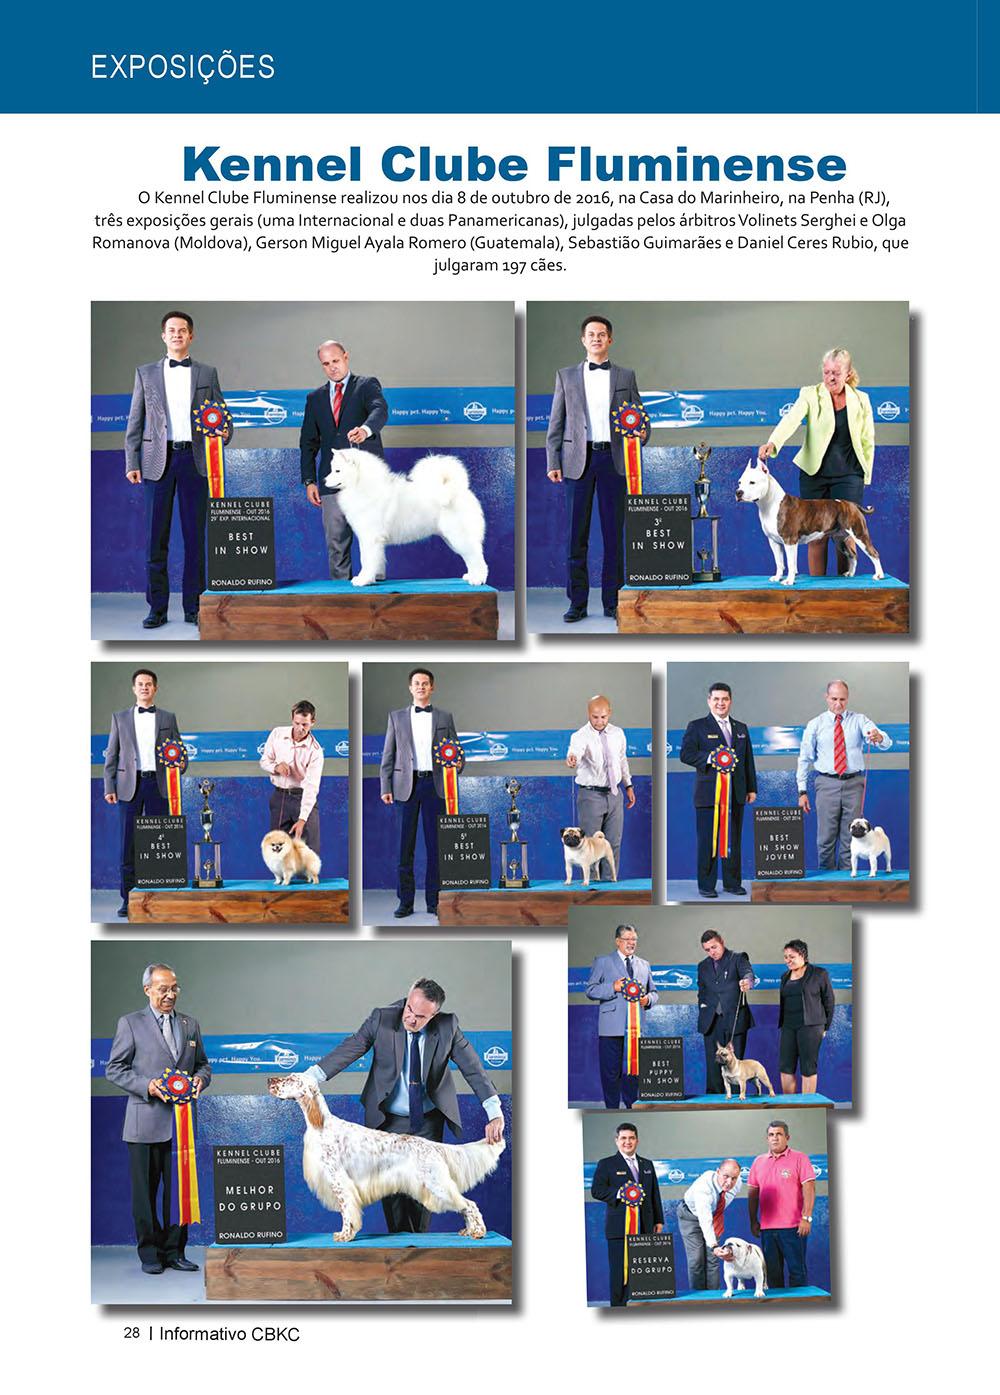 Pagina 28  Edição 53 do Informativo CBKC